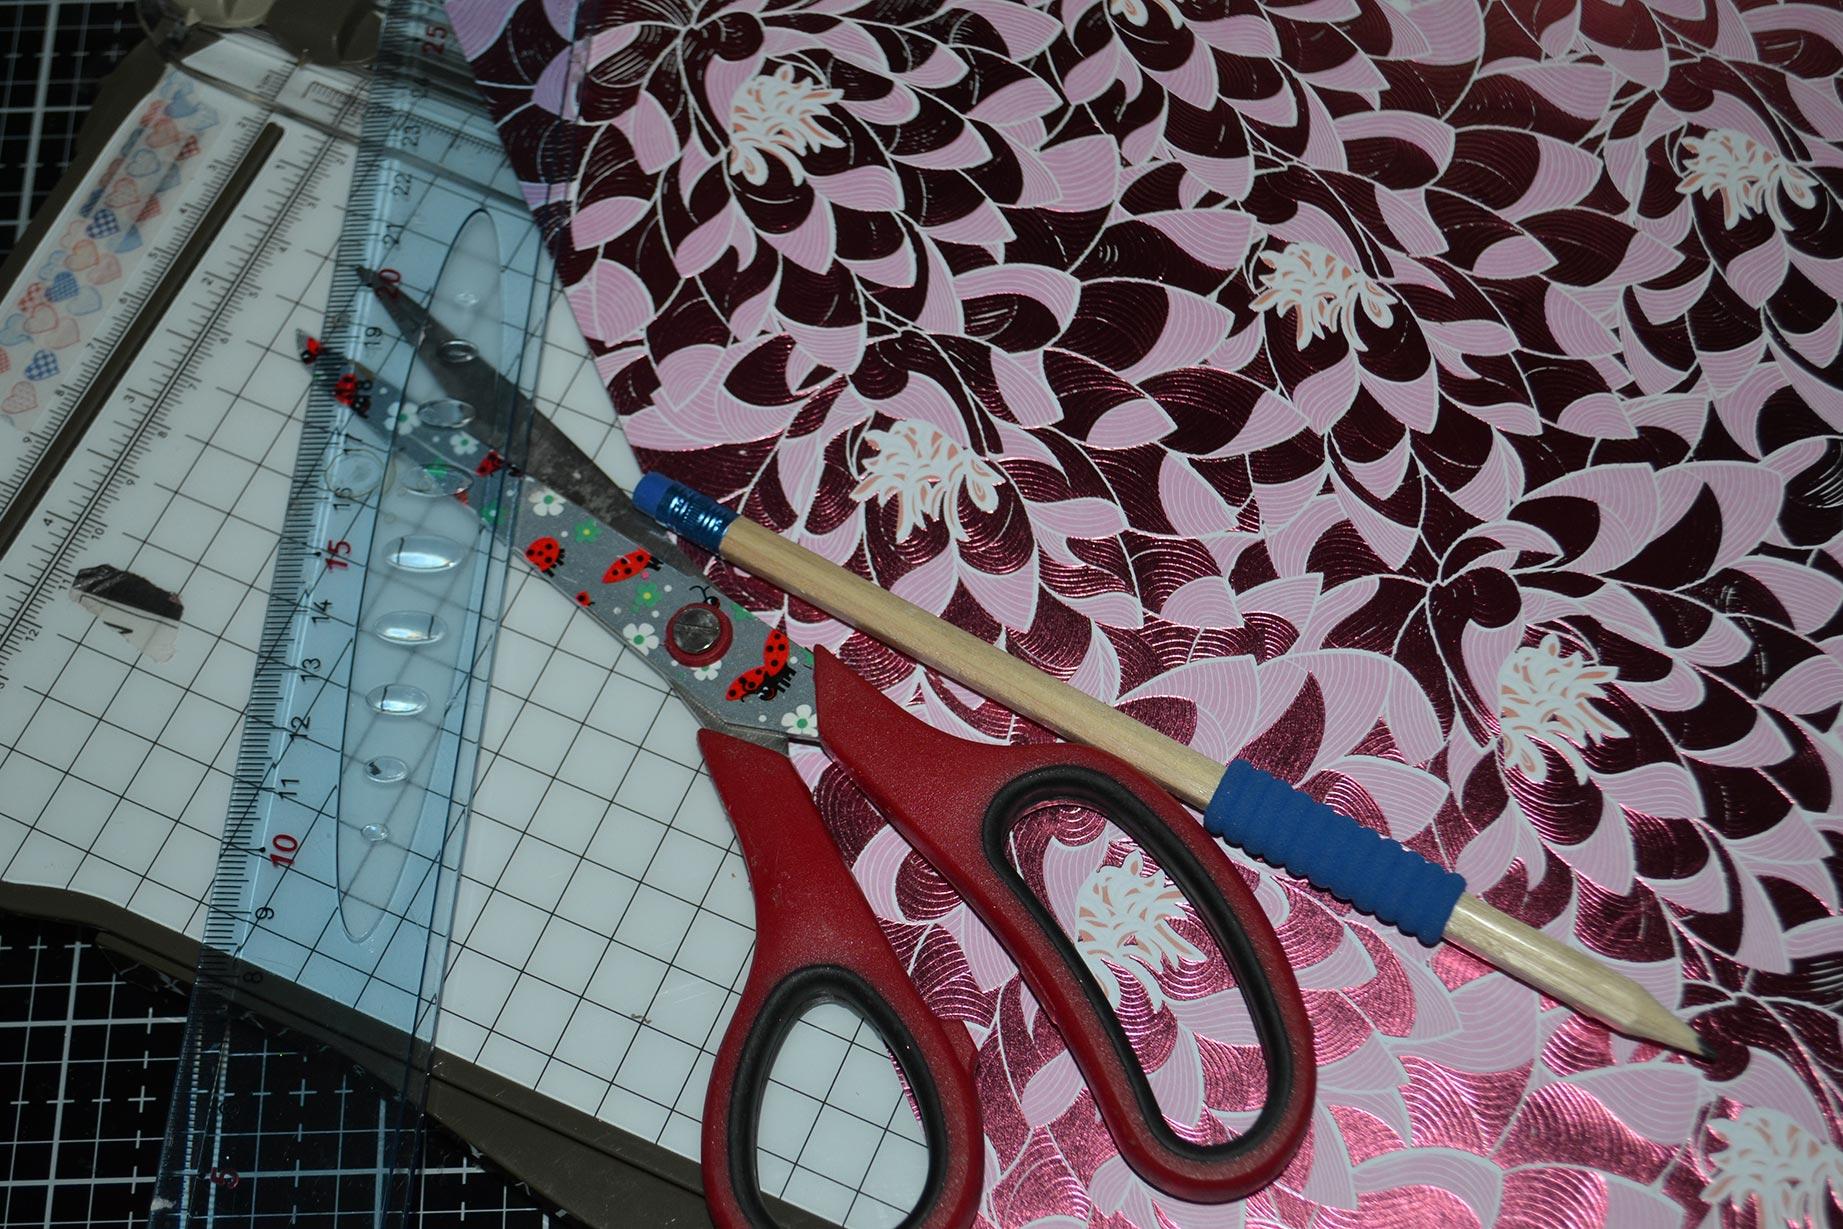 fabriquer-un-cadre-pliage-papier-scrap